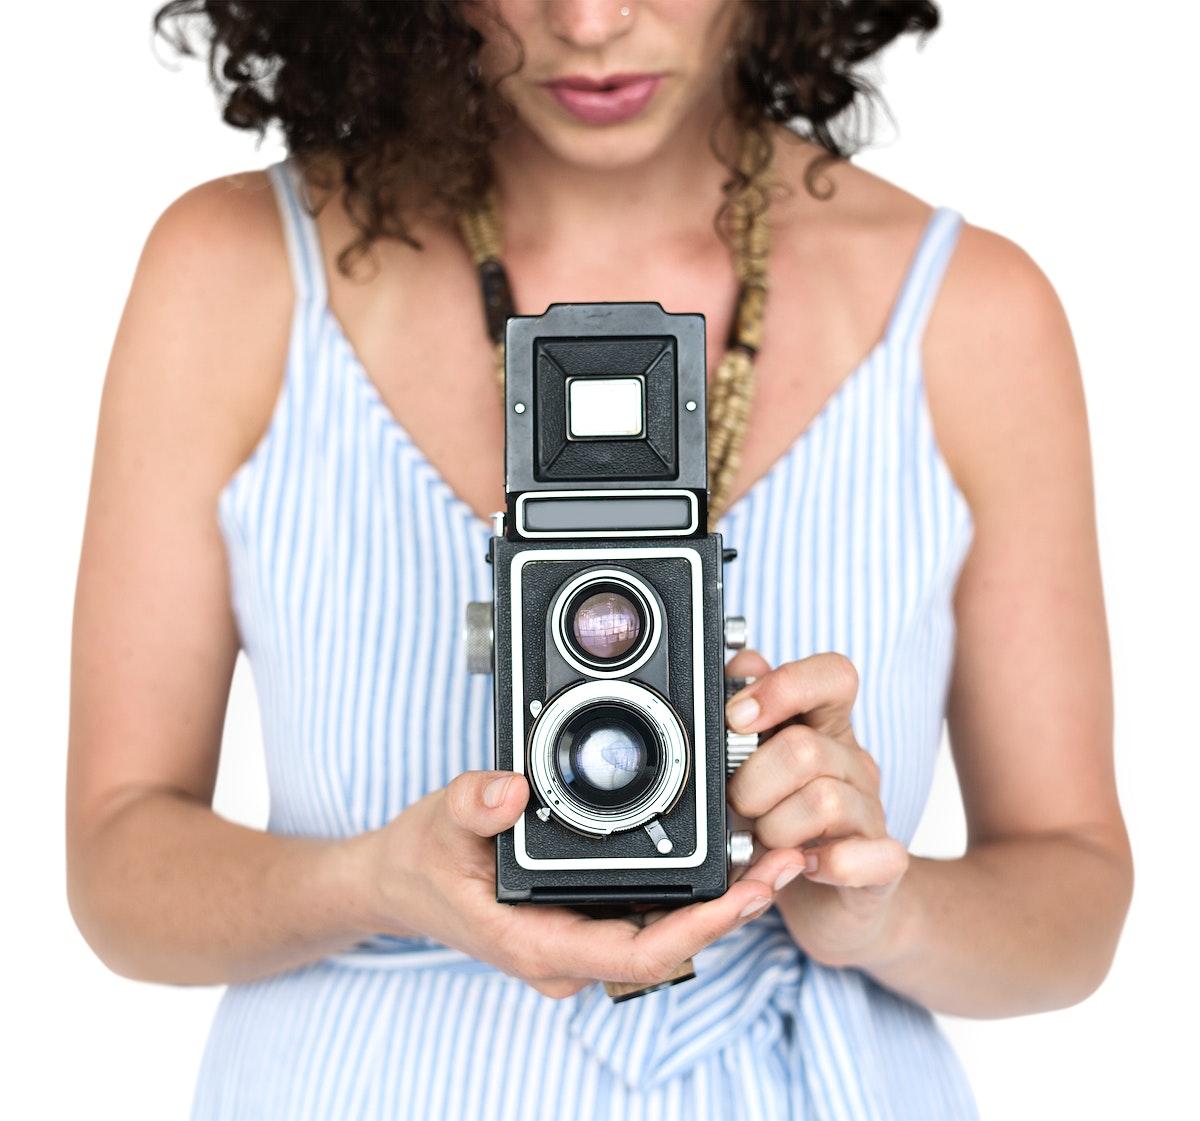 Women Hands Hold Camera Shoot